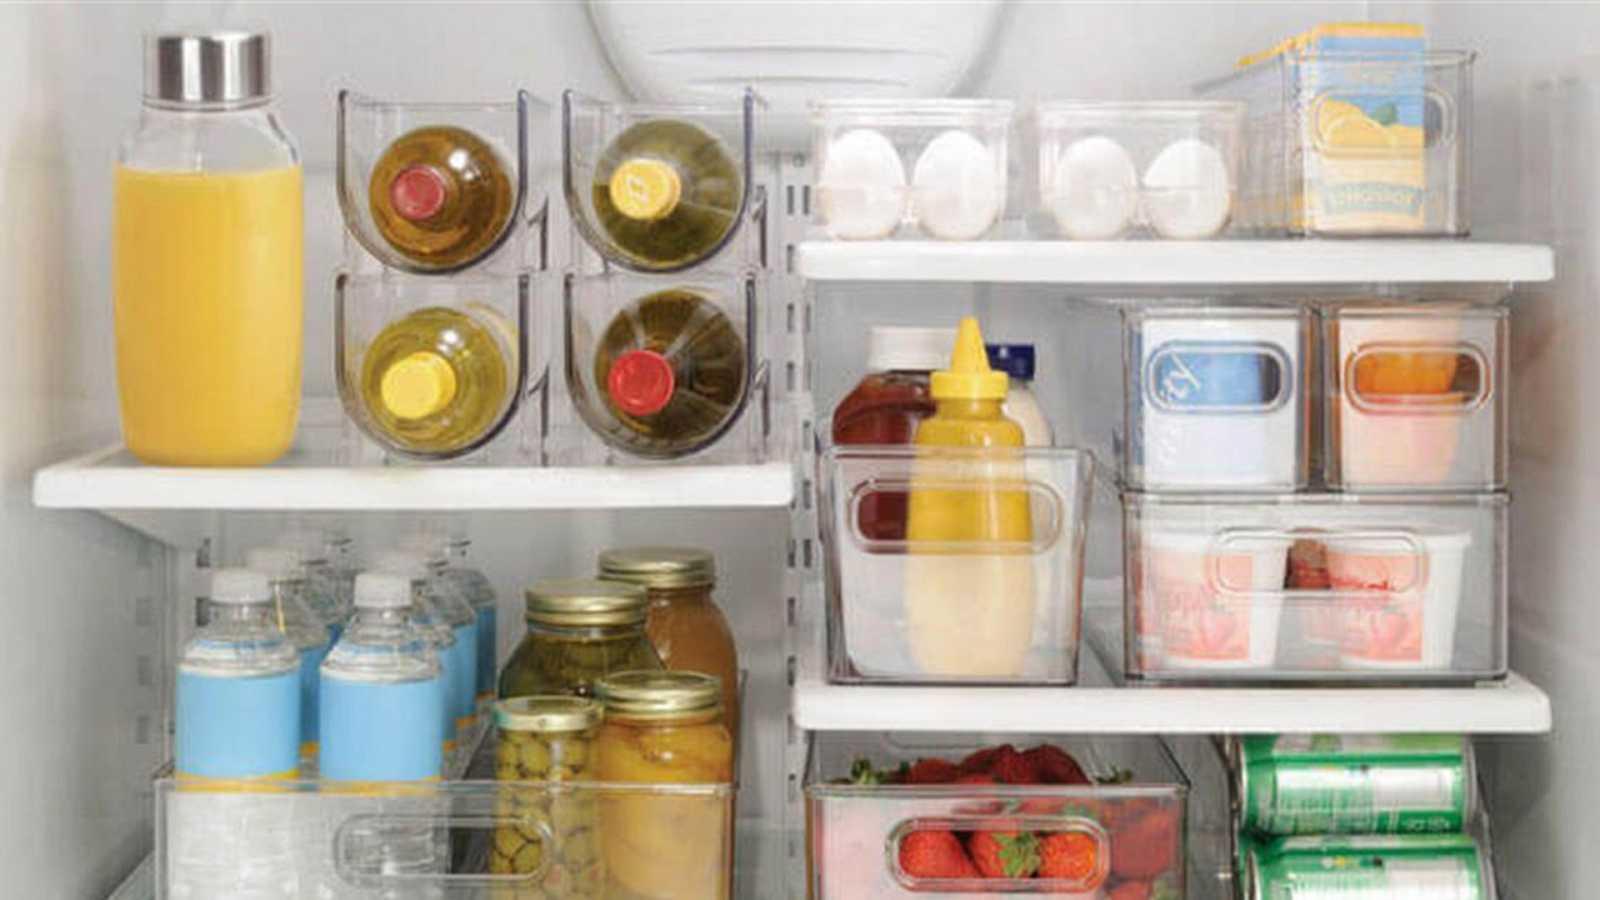 Un laboratorio en mi cocina - Conservacion alimentos - 22/03/20 - Escuchar ahora